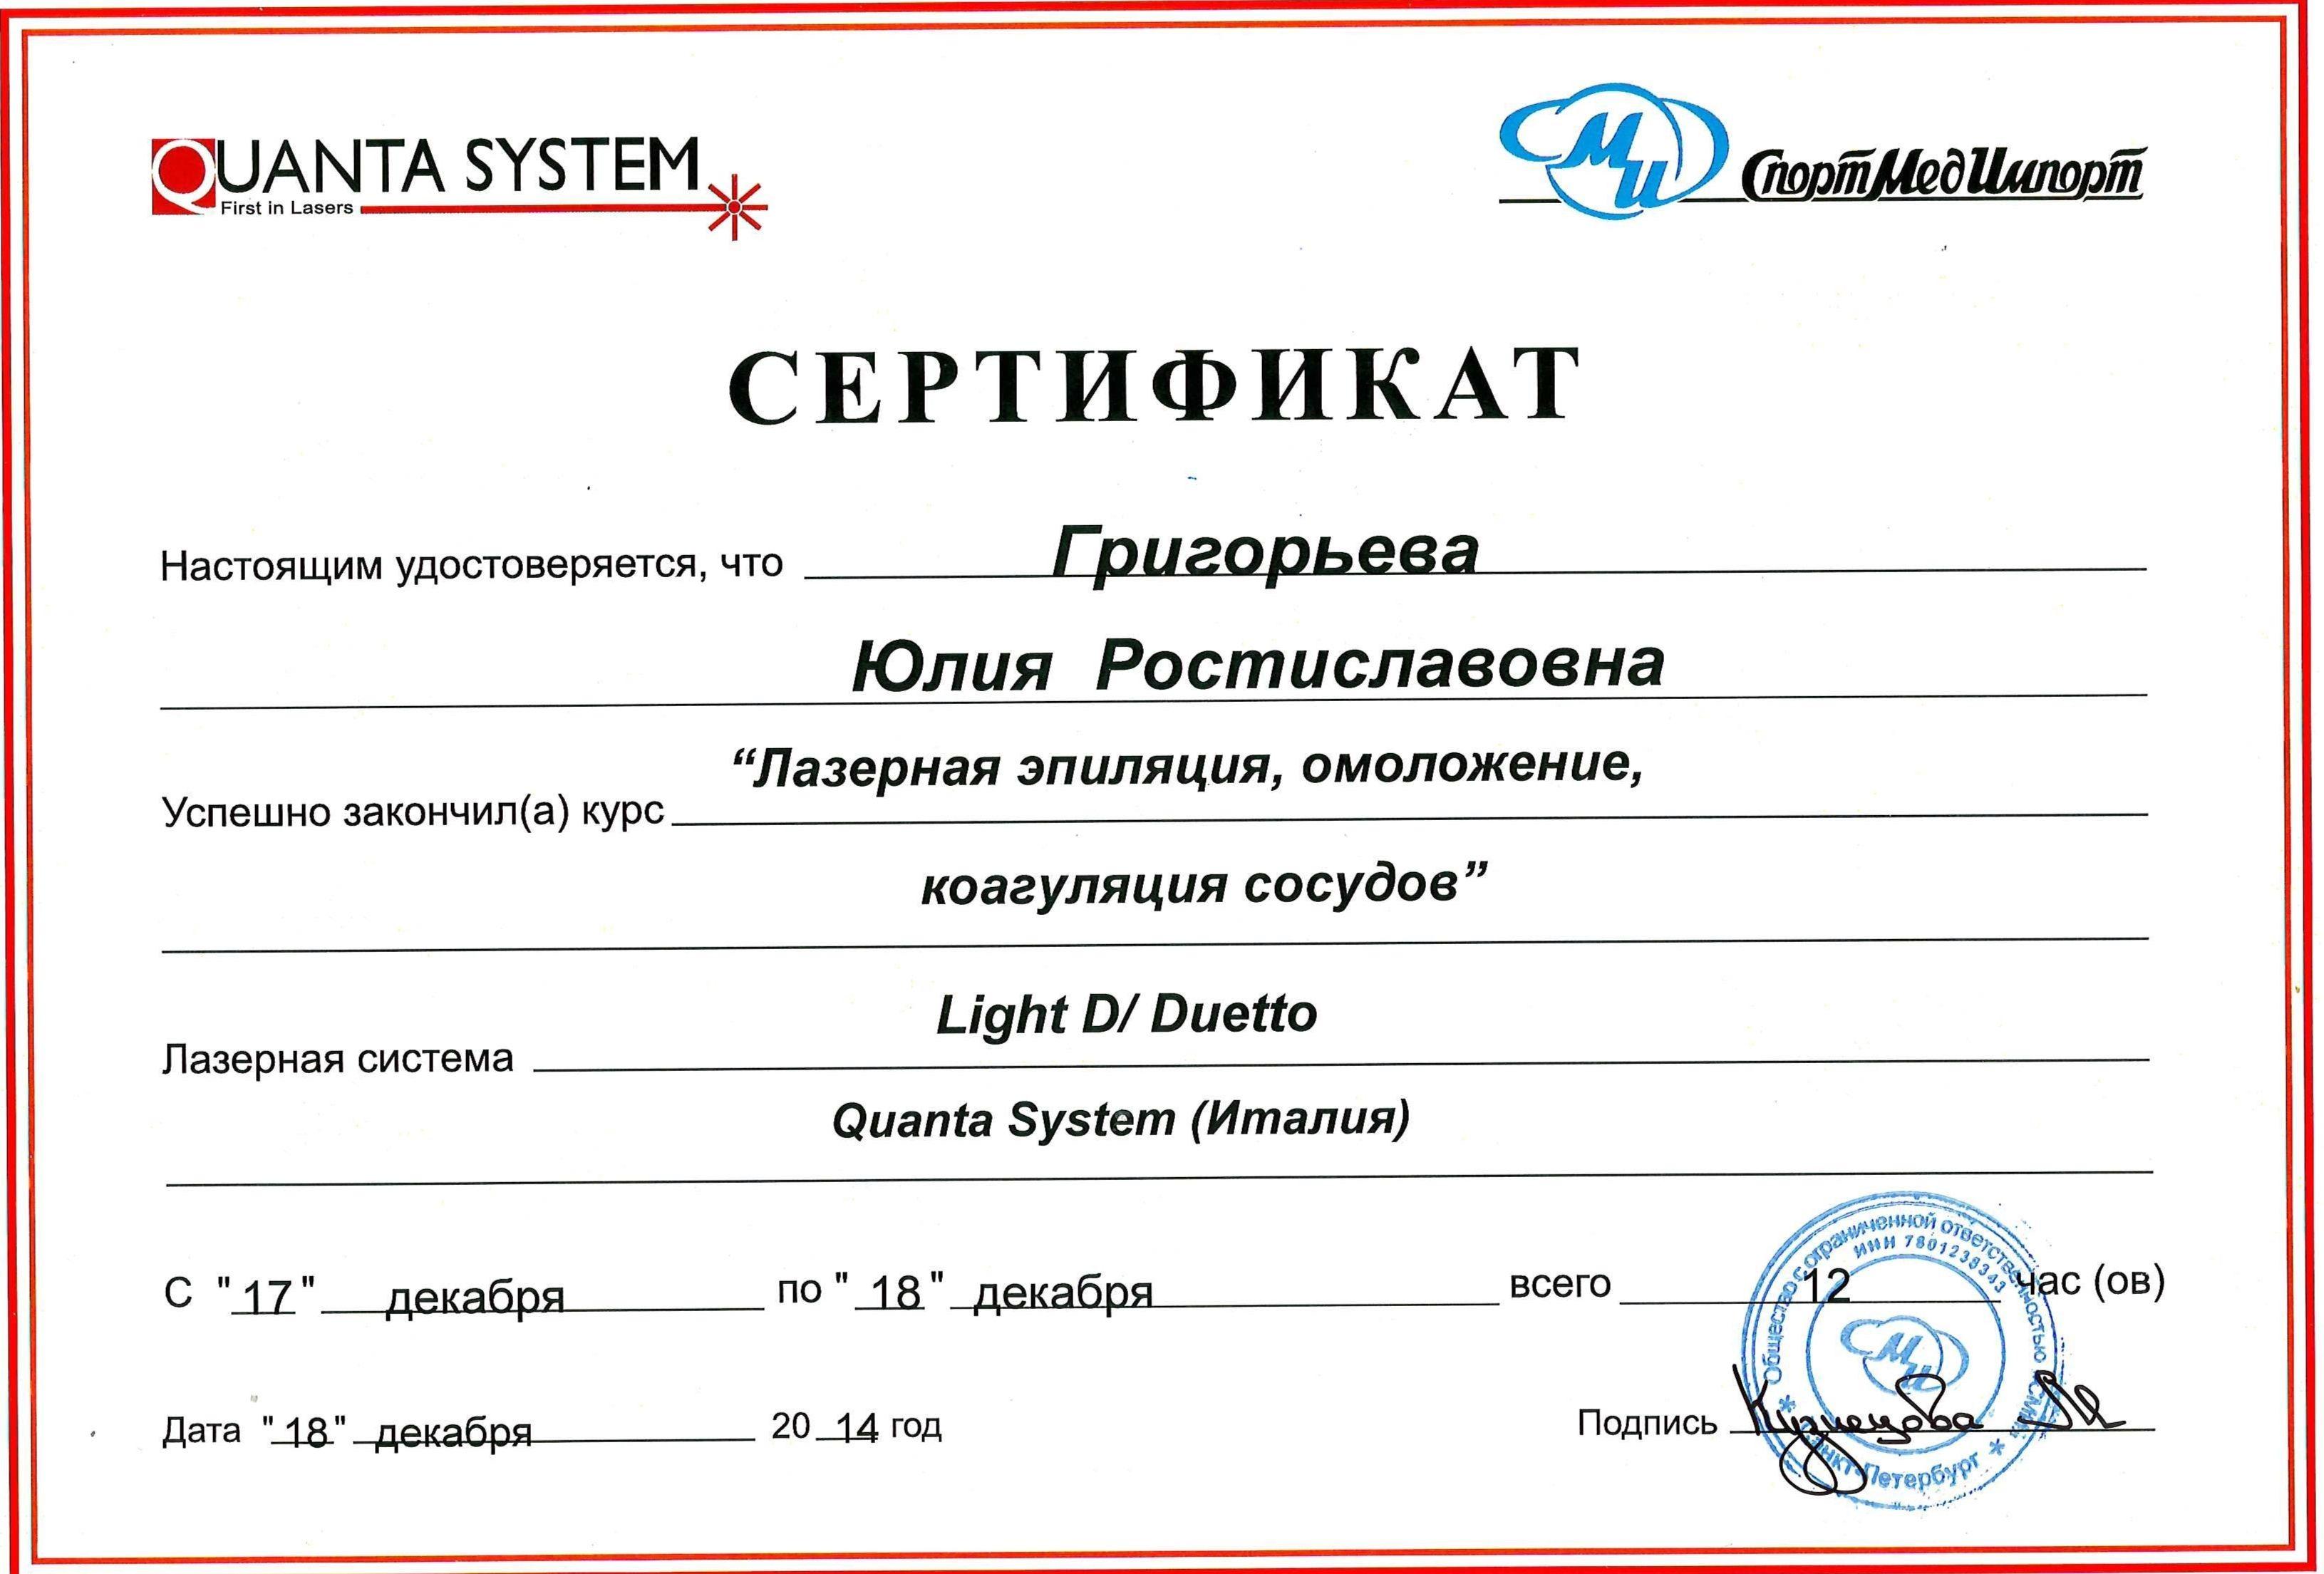 Сертификат Григорьева 3